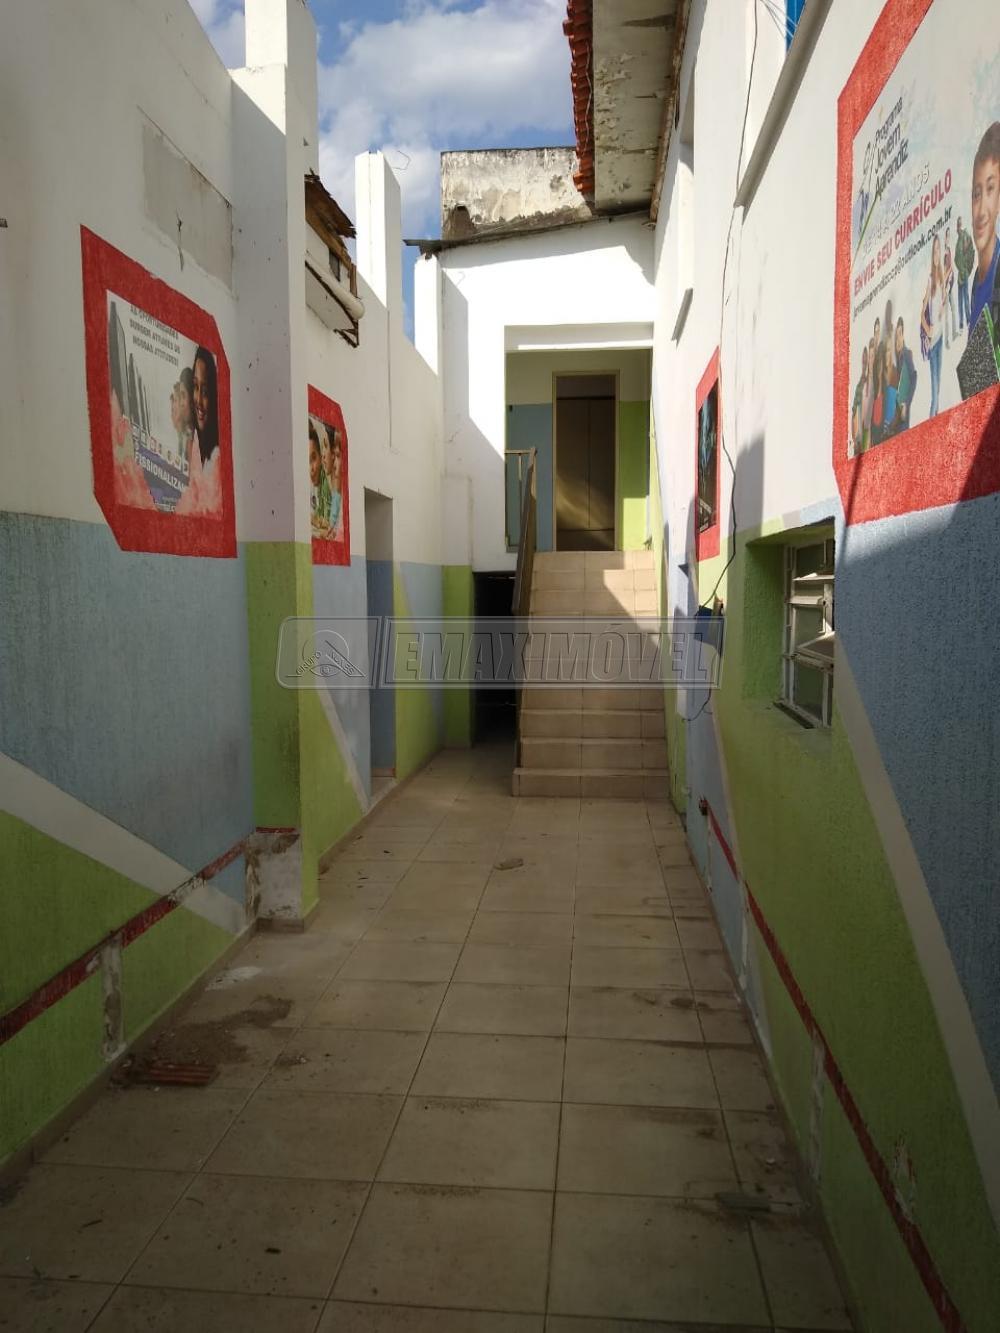 Alugar Casas / Comerciais em Sorocaba apenas R$ 10.000,00 - Foto 11